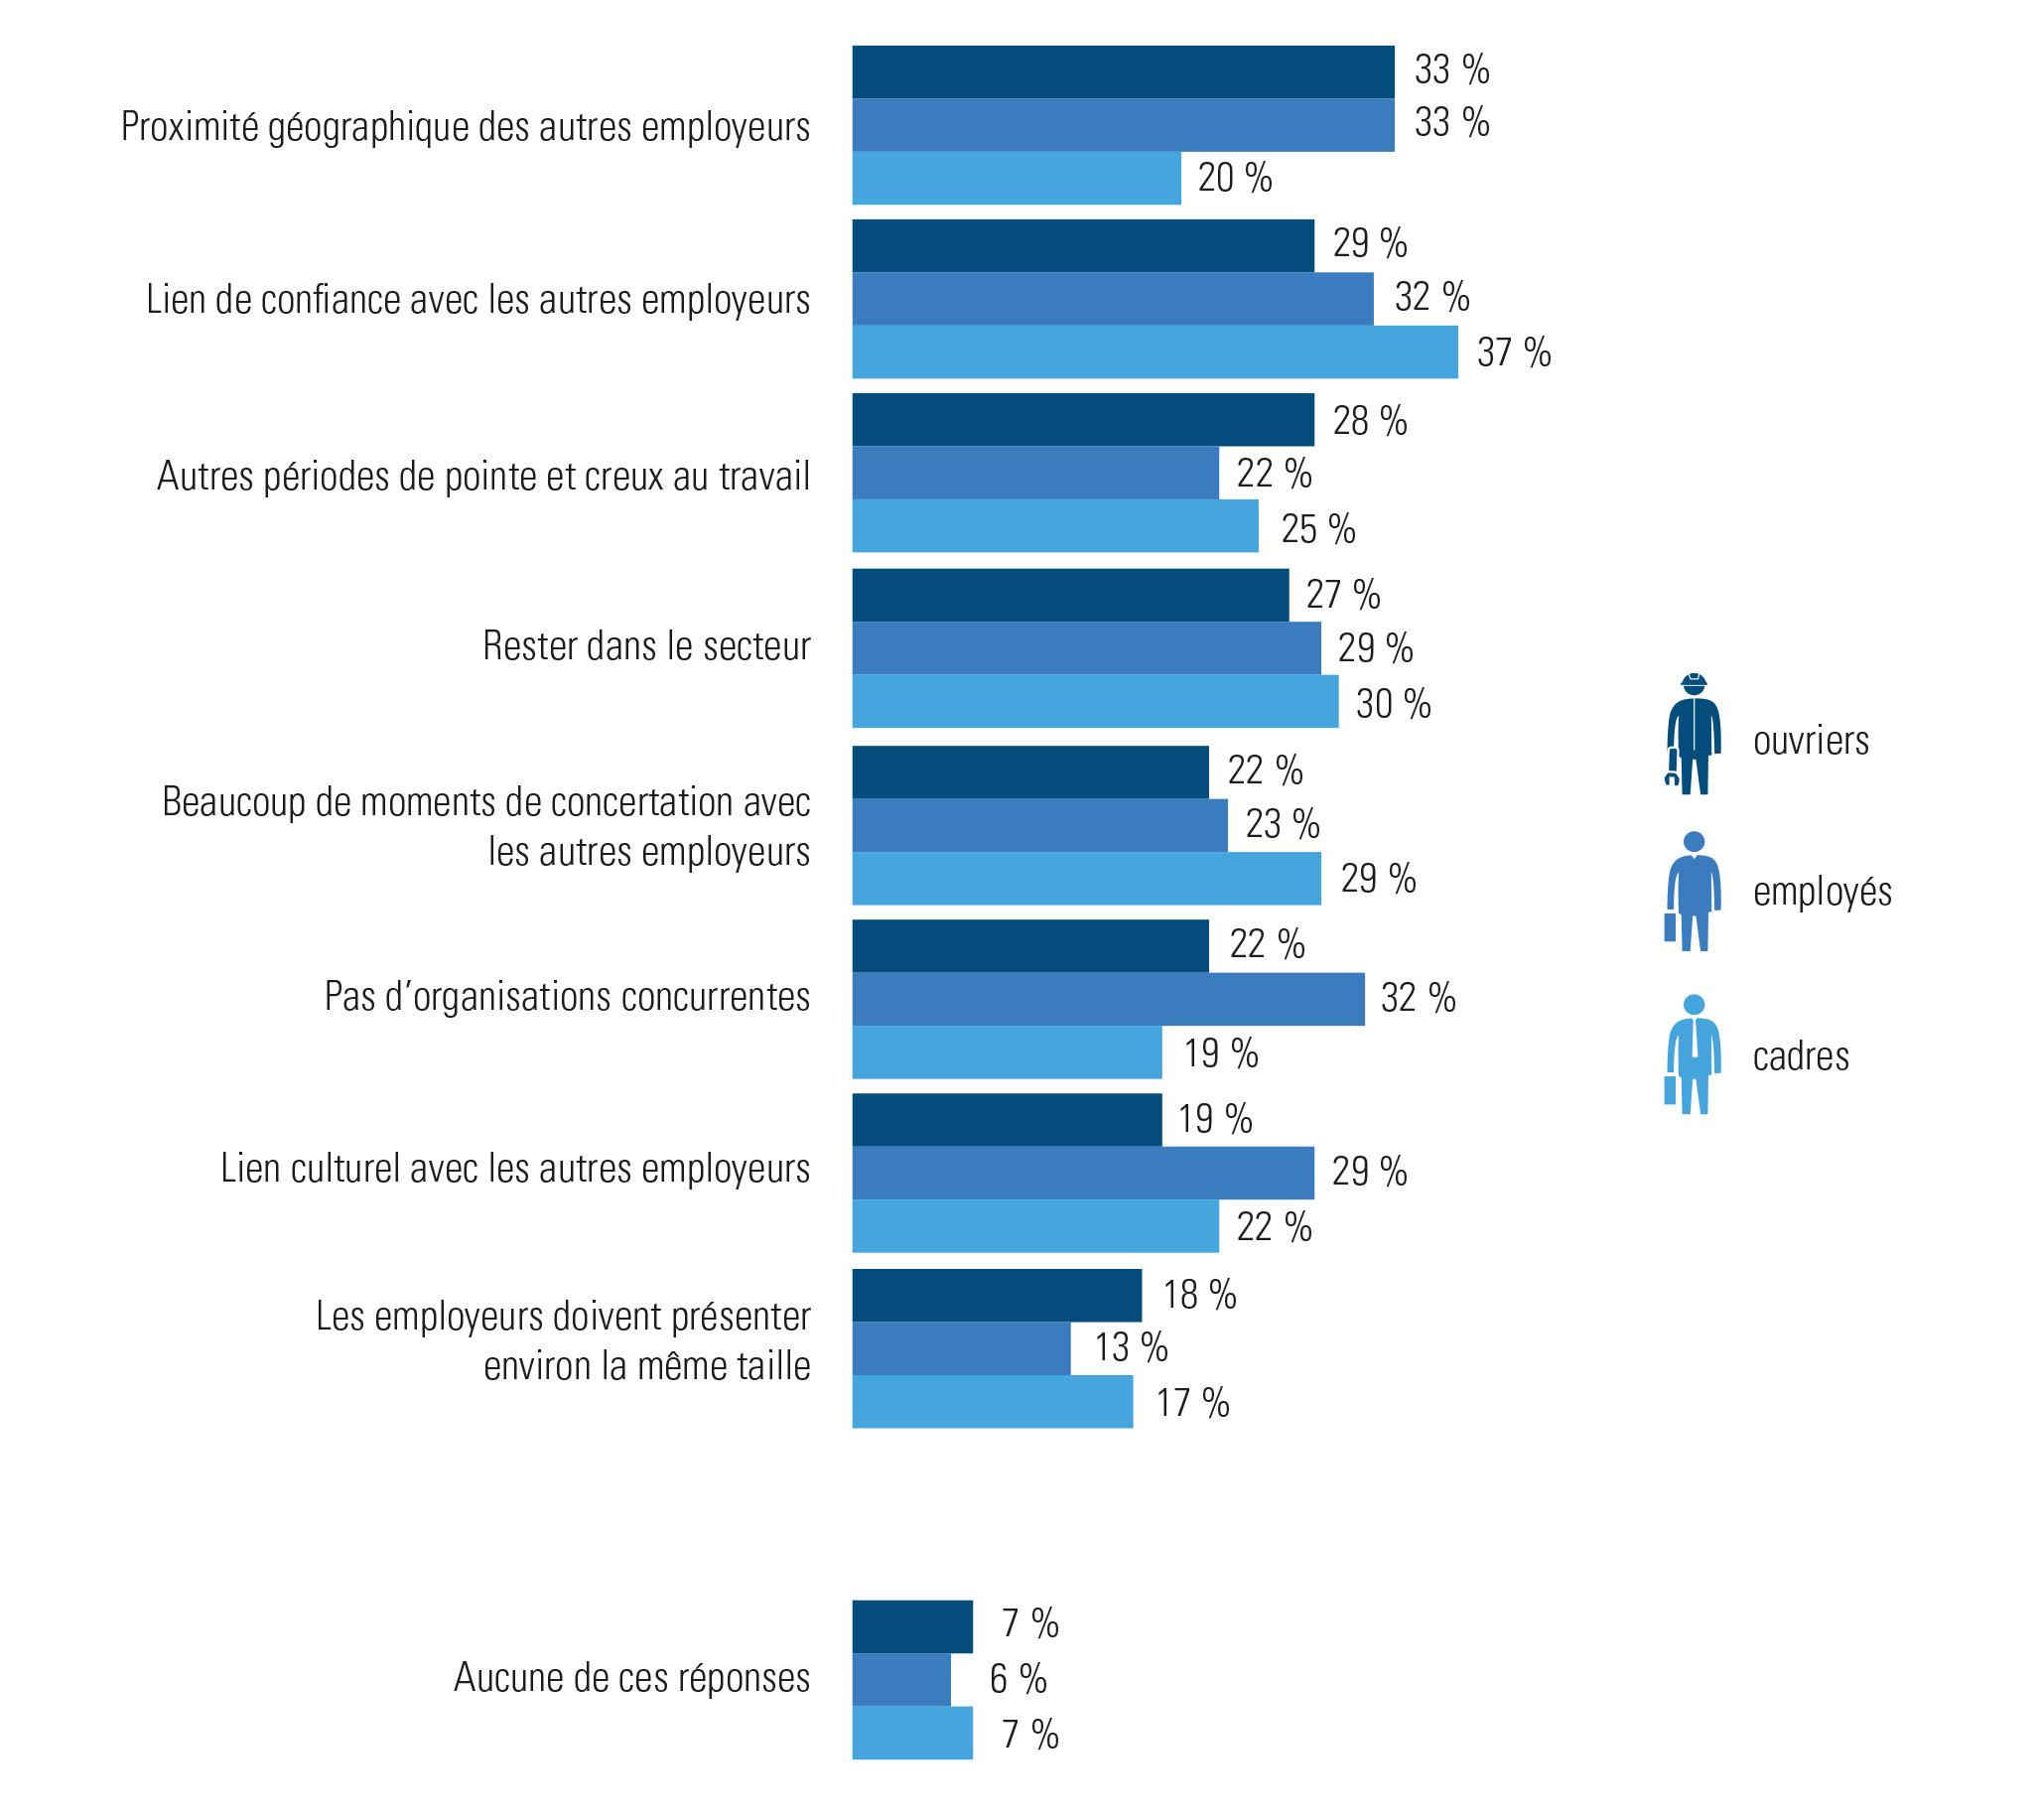 Les conditions à remplir, selon les employeurs, afin d'adhérer à un trajet partagé (enquête employeurs Acerta 2019)